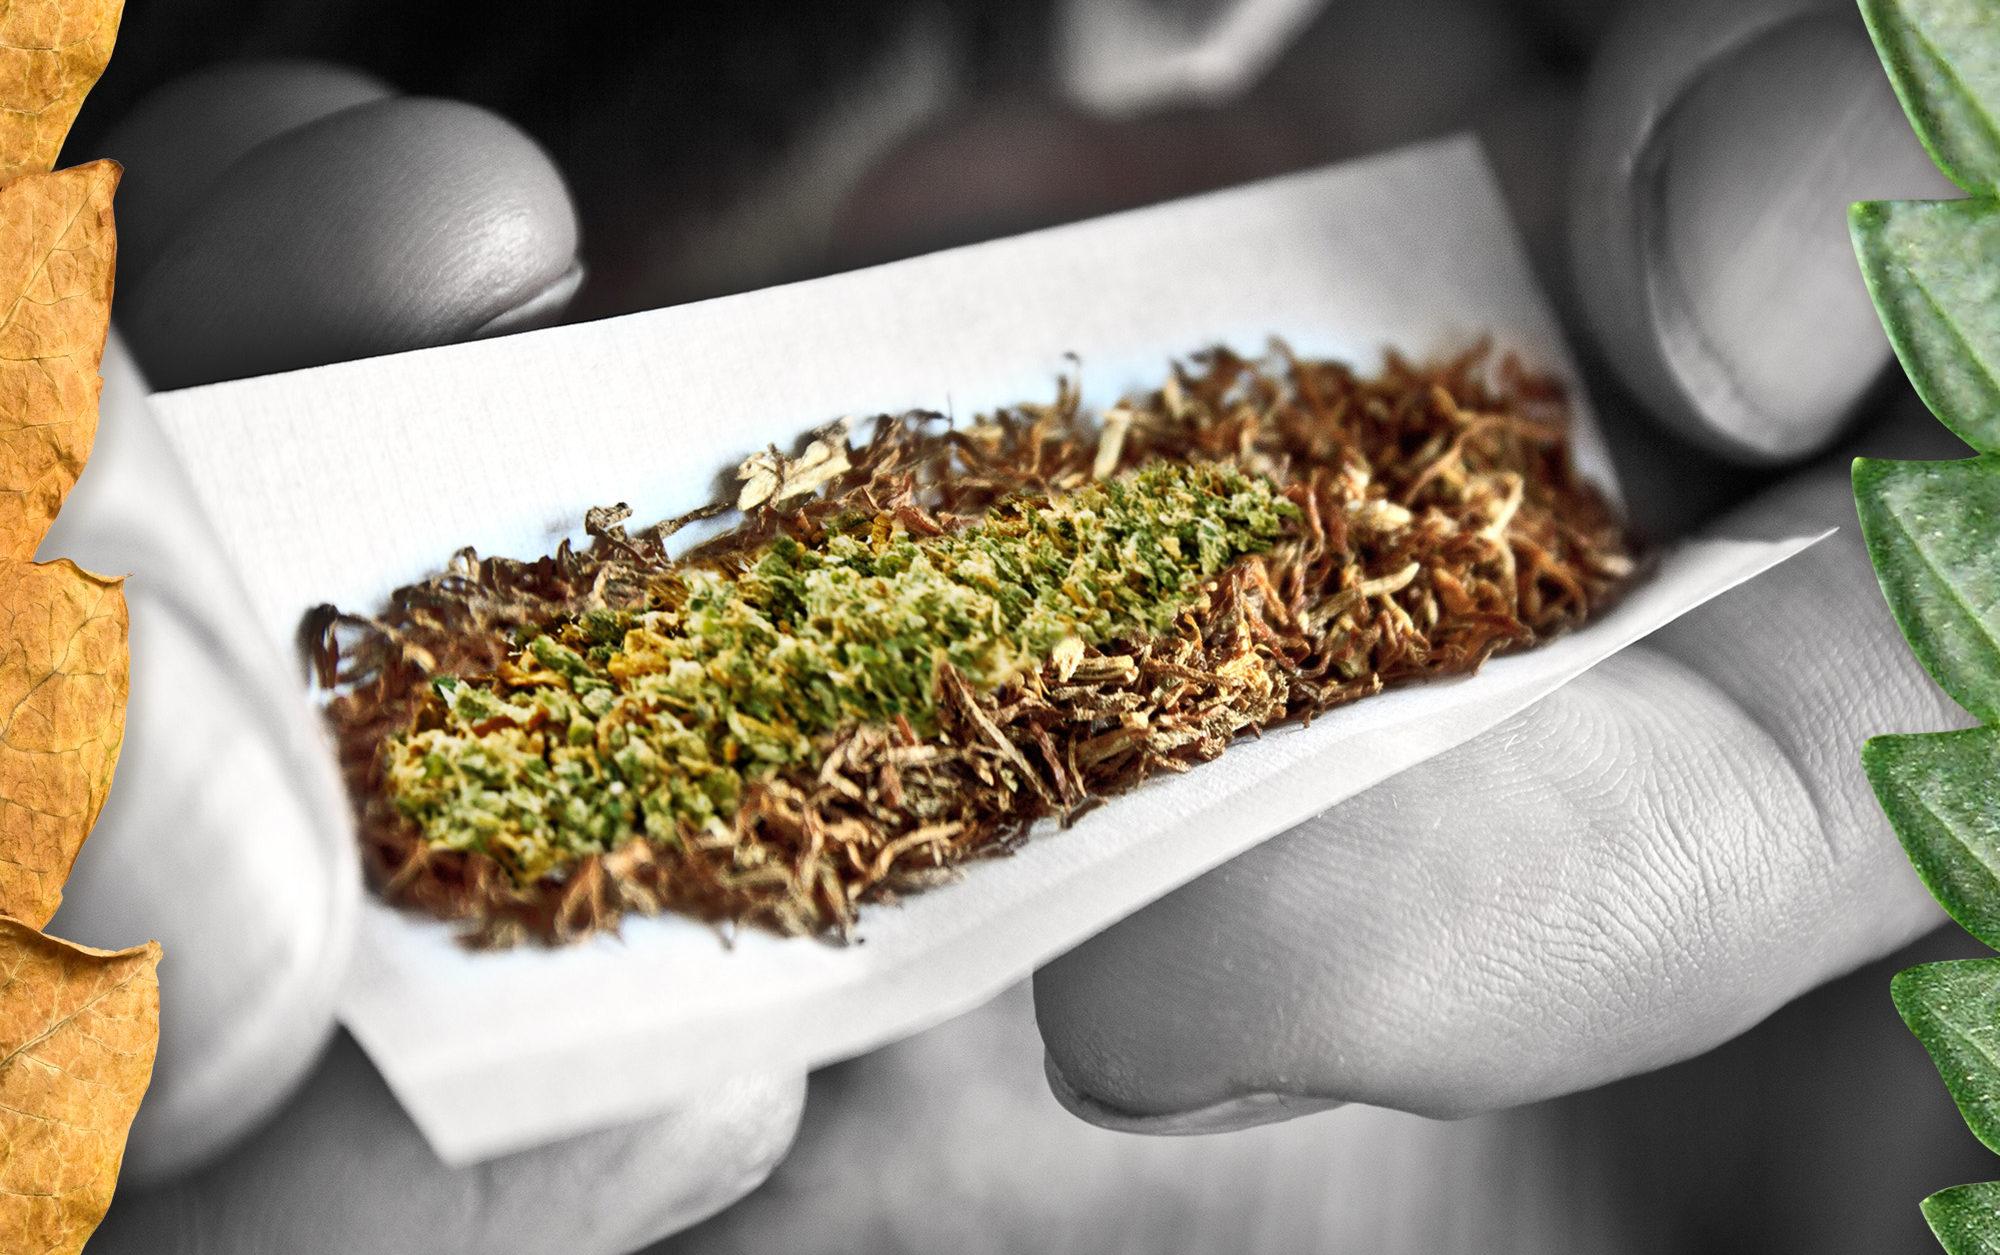 Palaczom Marihuany Trudniej Jest Rzucić Palenie Tytoniu, JamaicaSeeds.pl